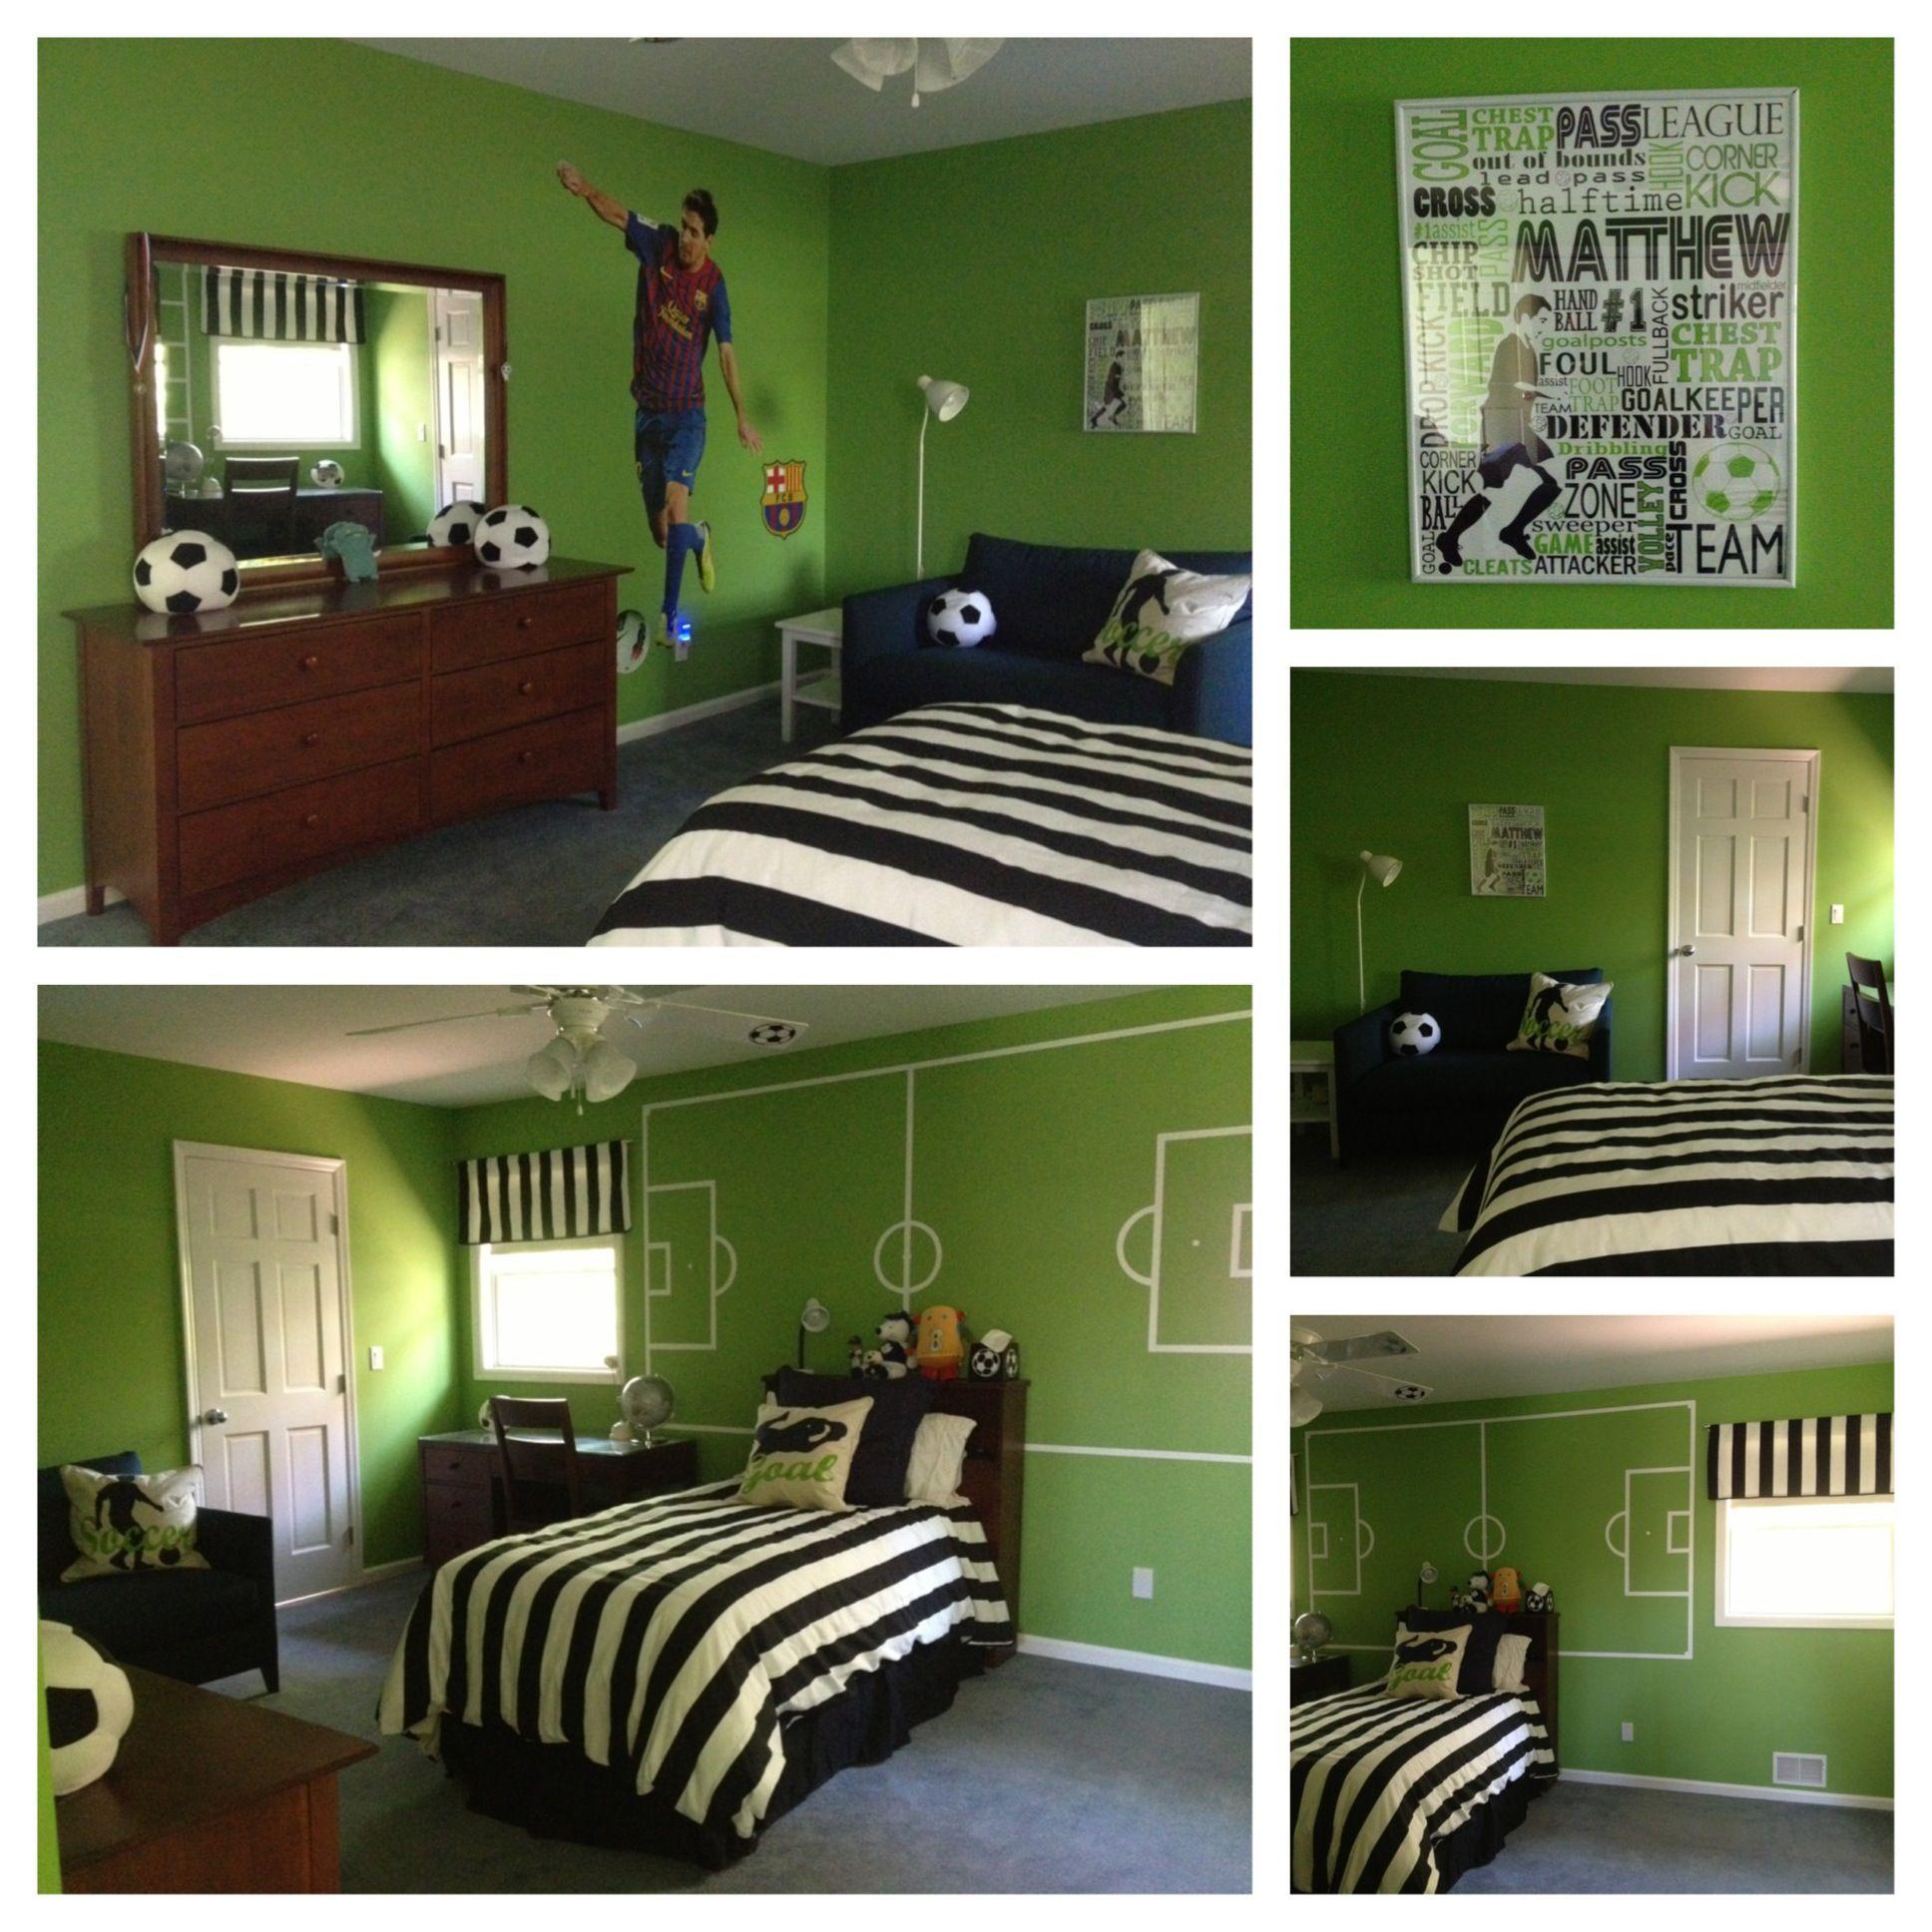 J loved the fieldonthewall look  Matthews Bedroom in